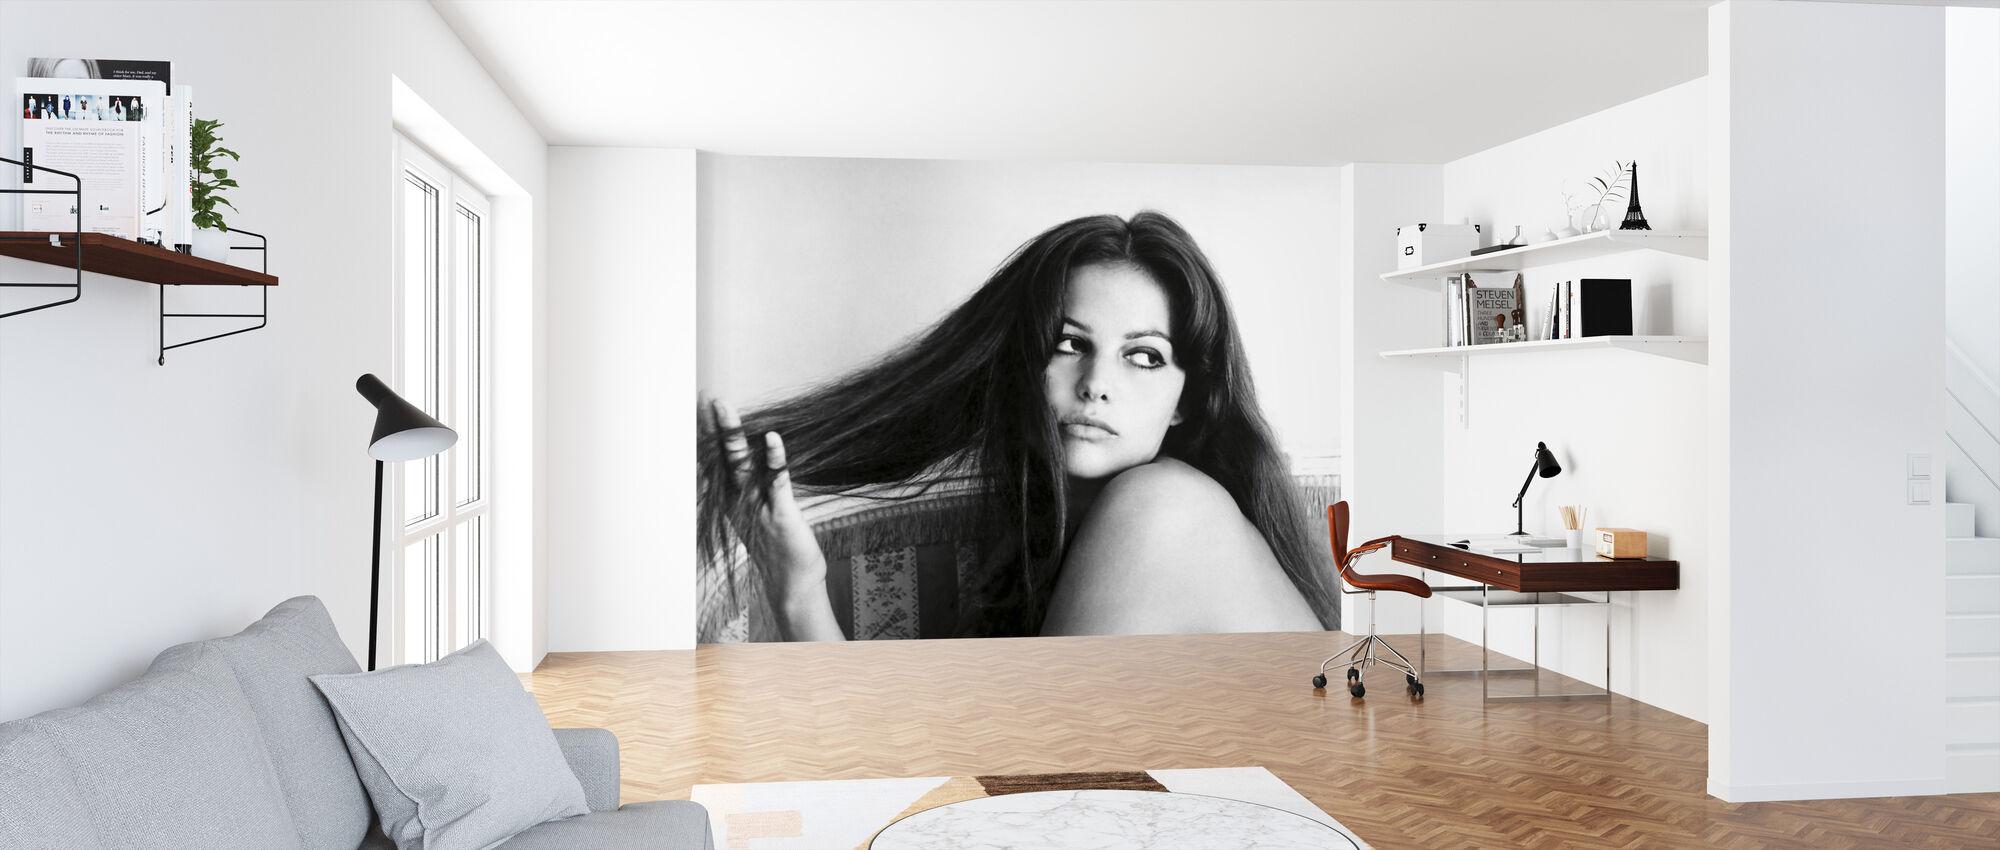 Claudia Cardinal - Wallpaper - Office